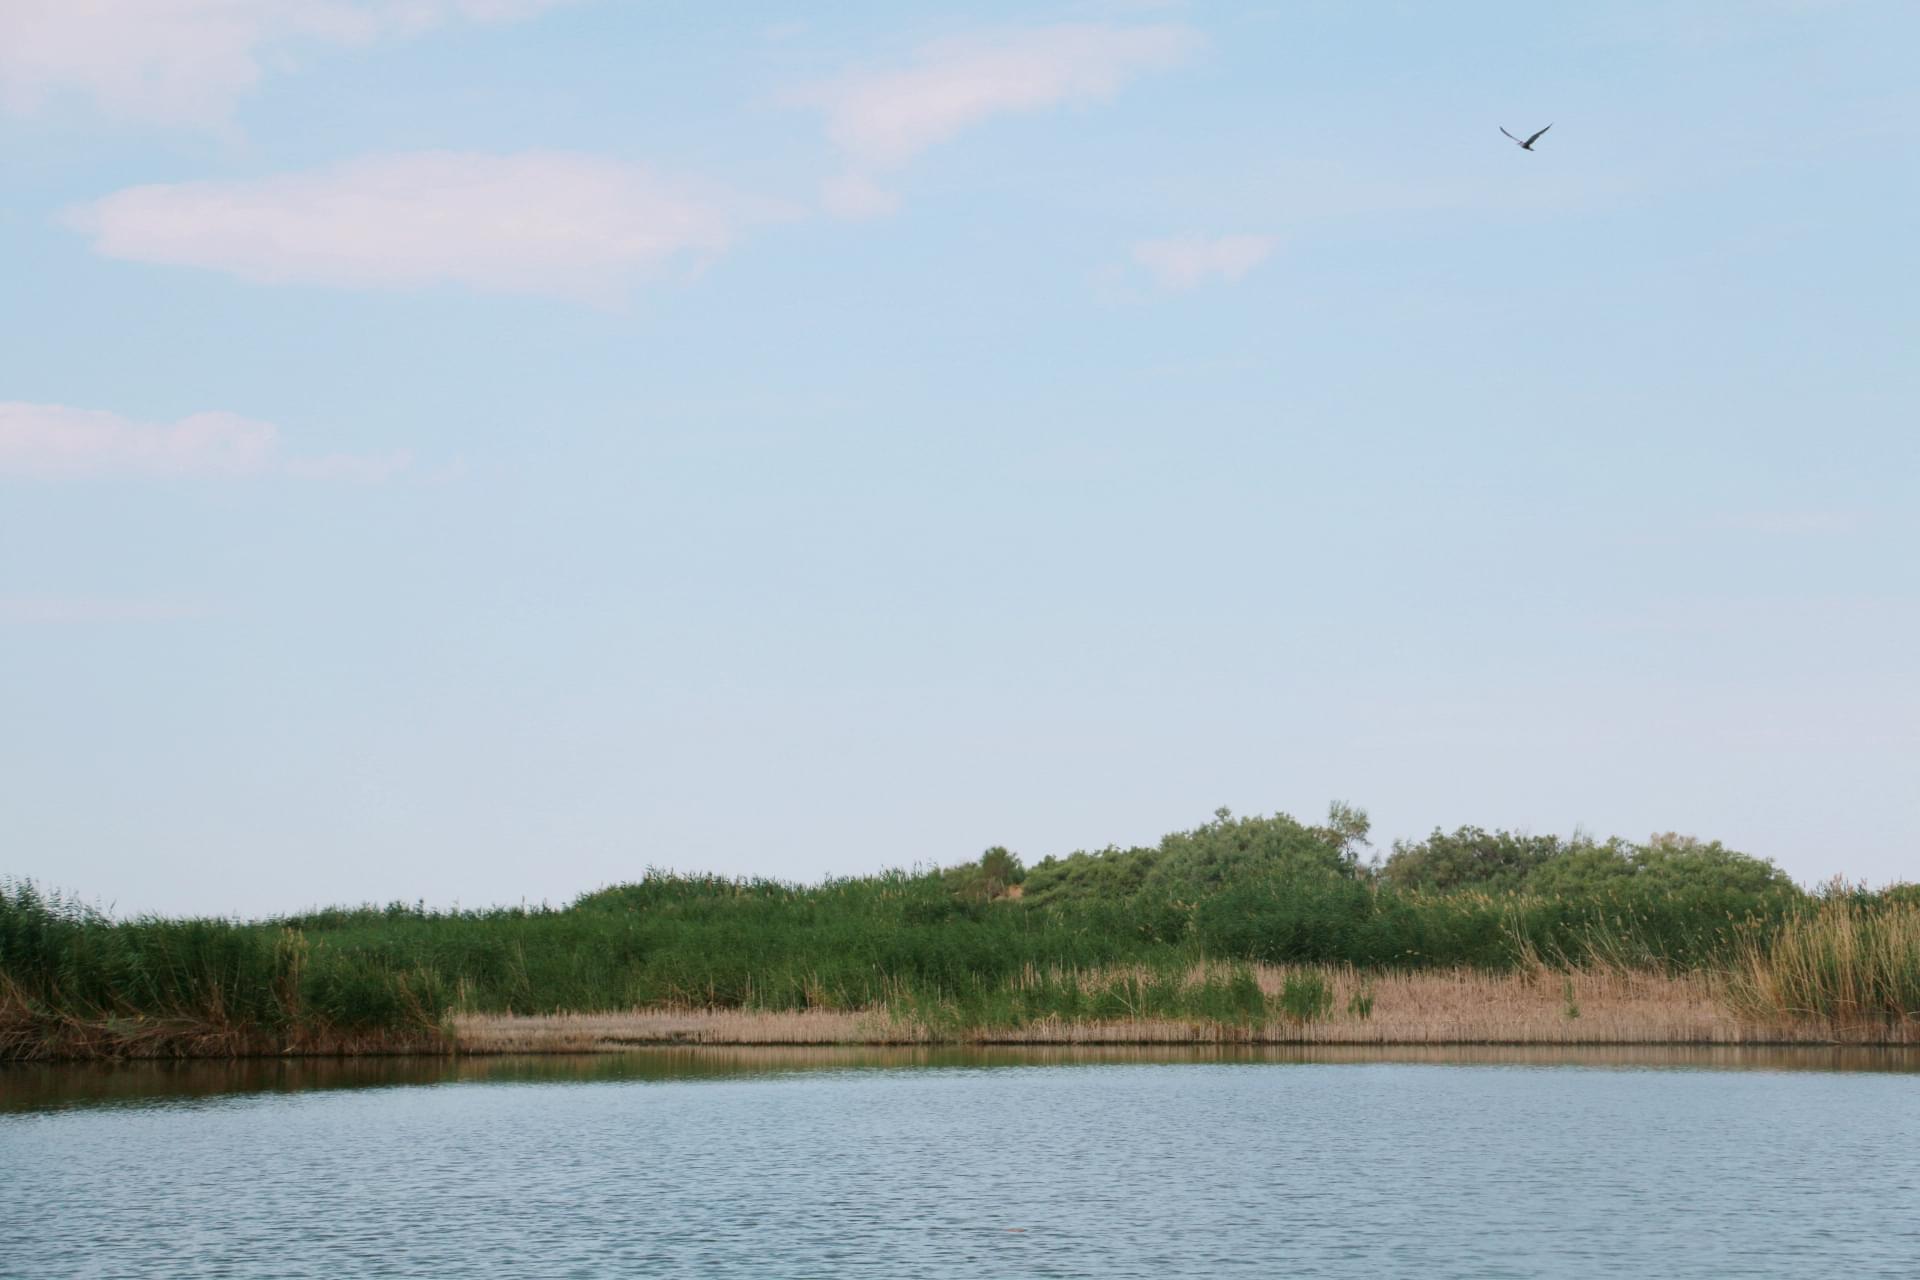 五家渠千岛湖湿地水草丰美 景色怡人